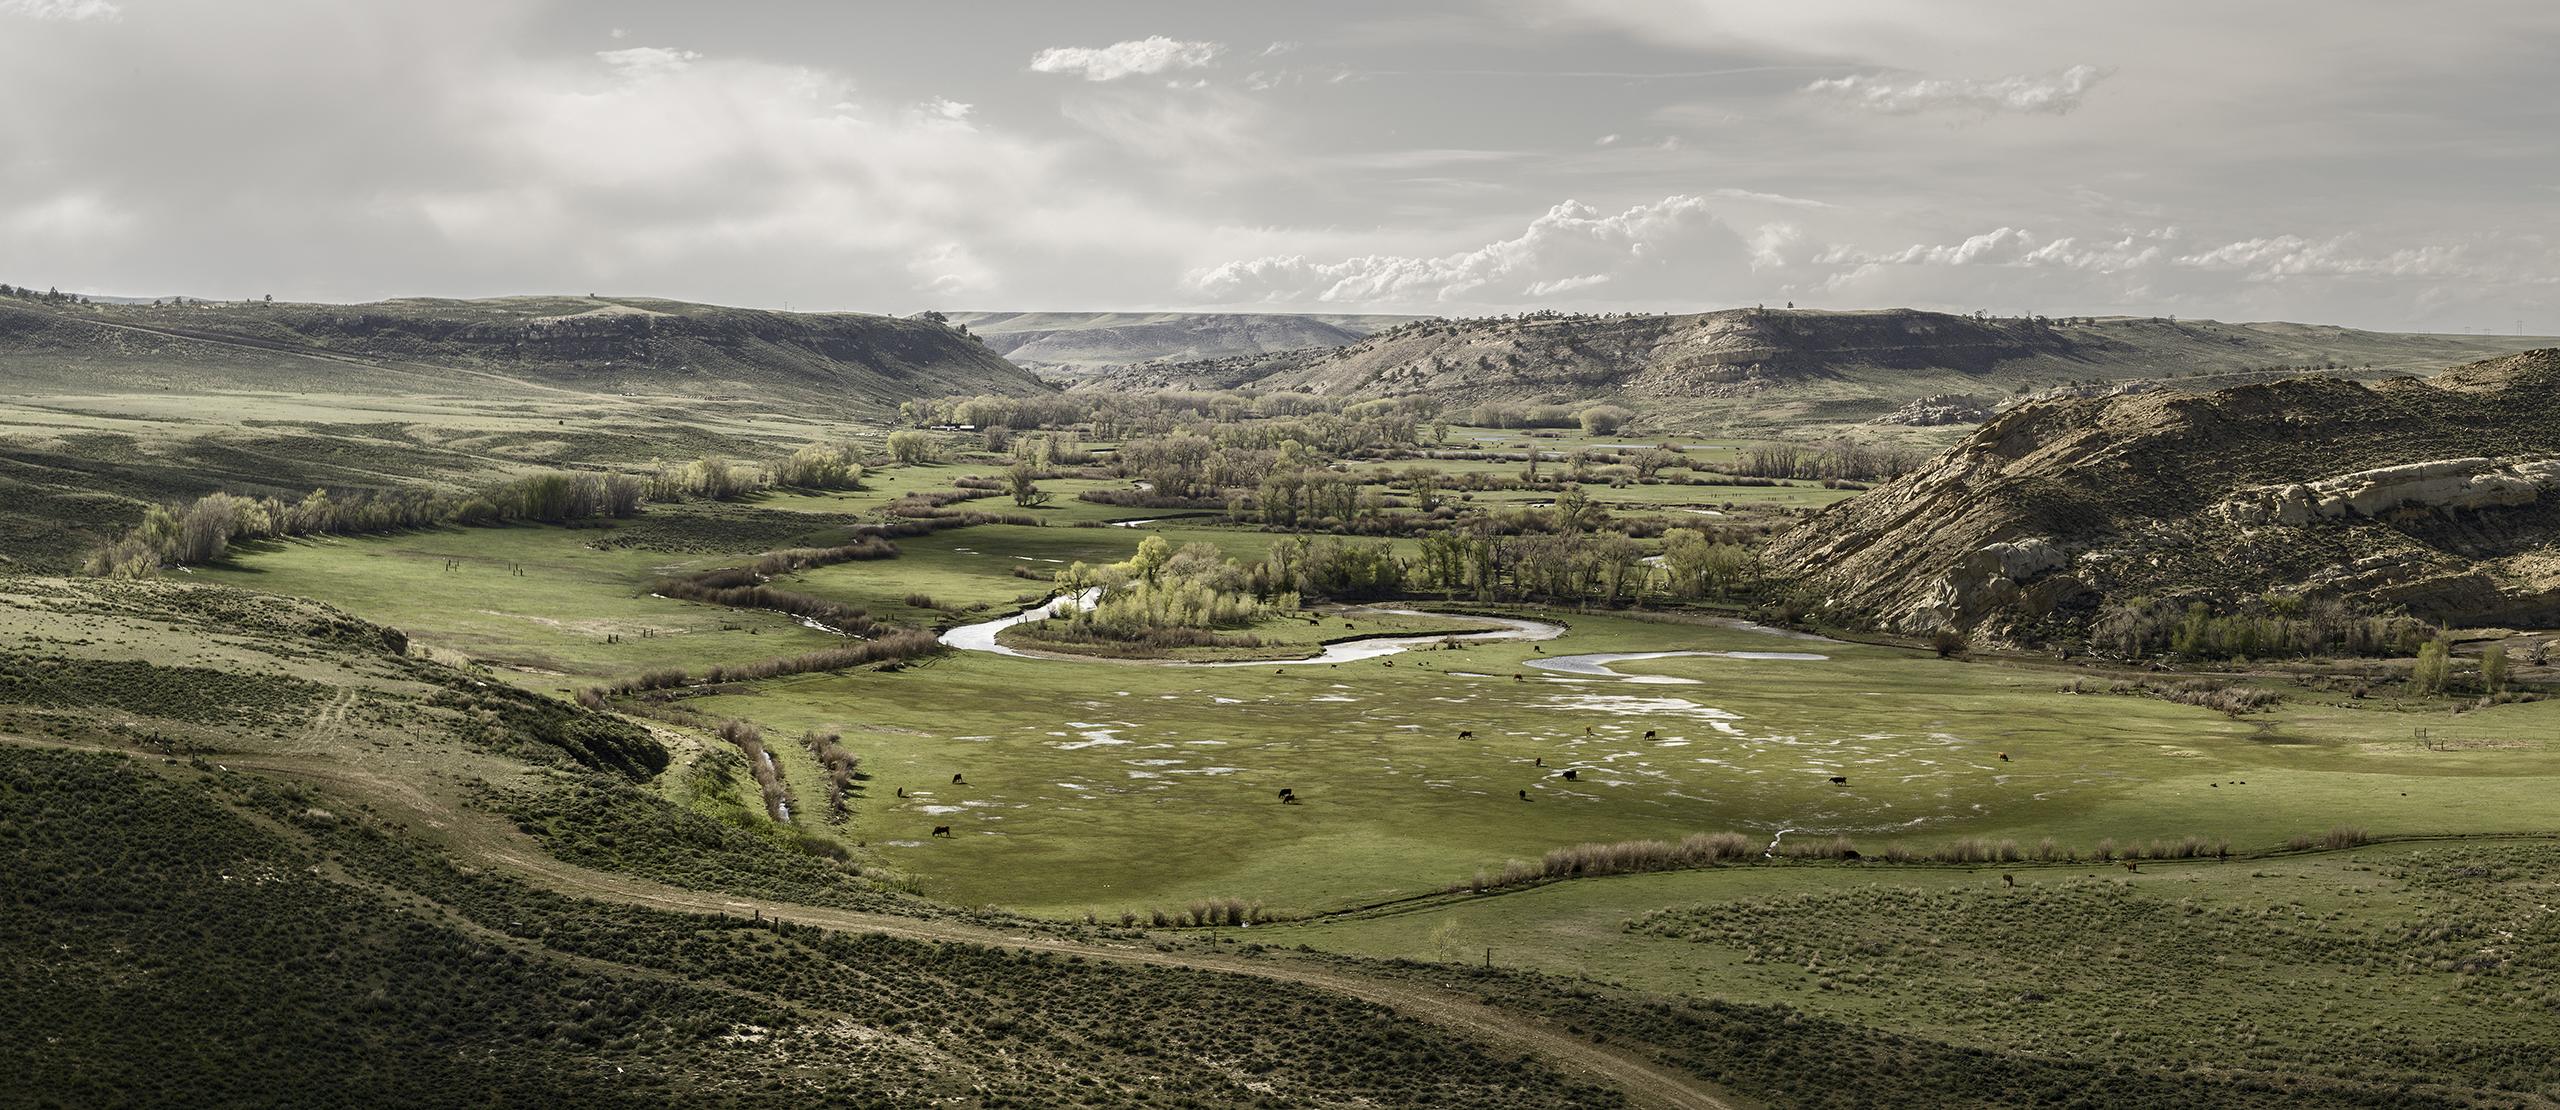 Johnson Ranch, Carbon County, May 22, 2013